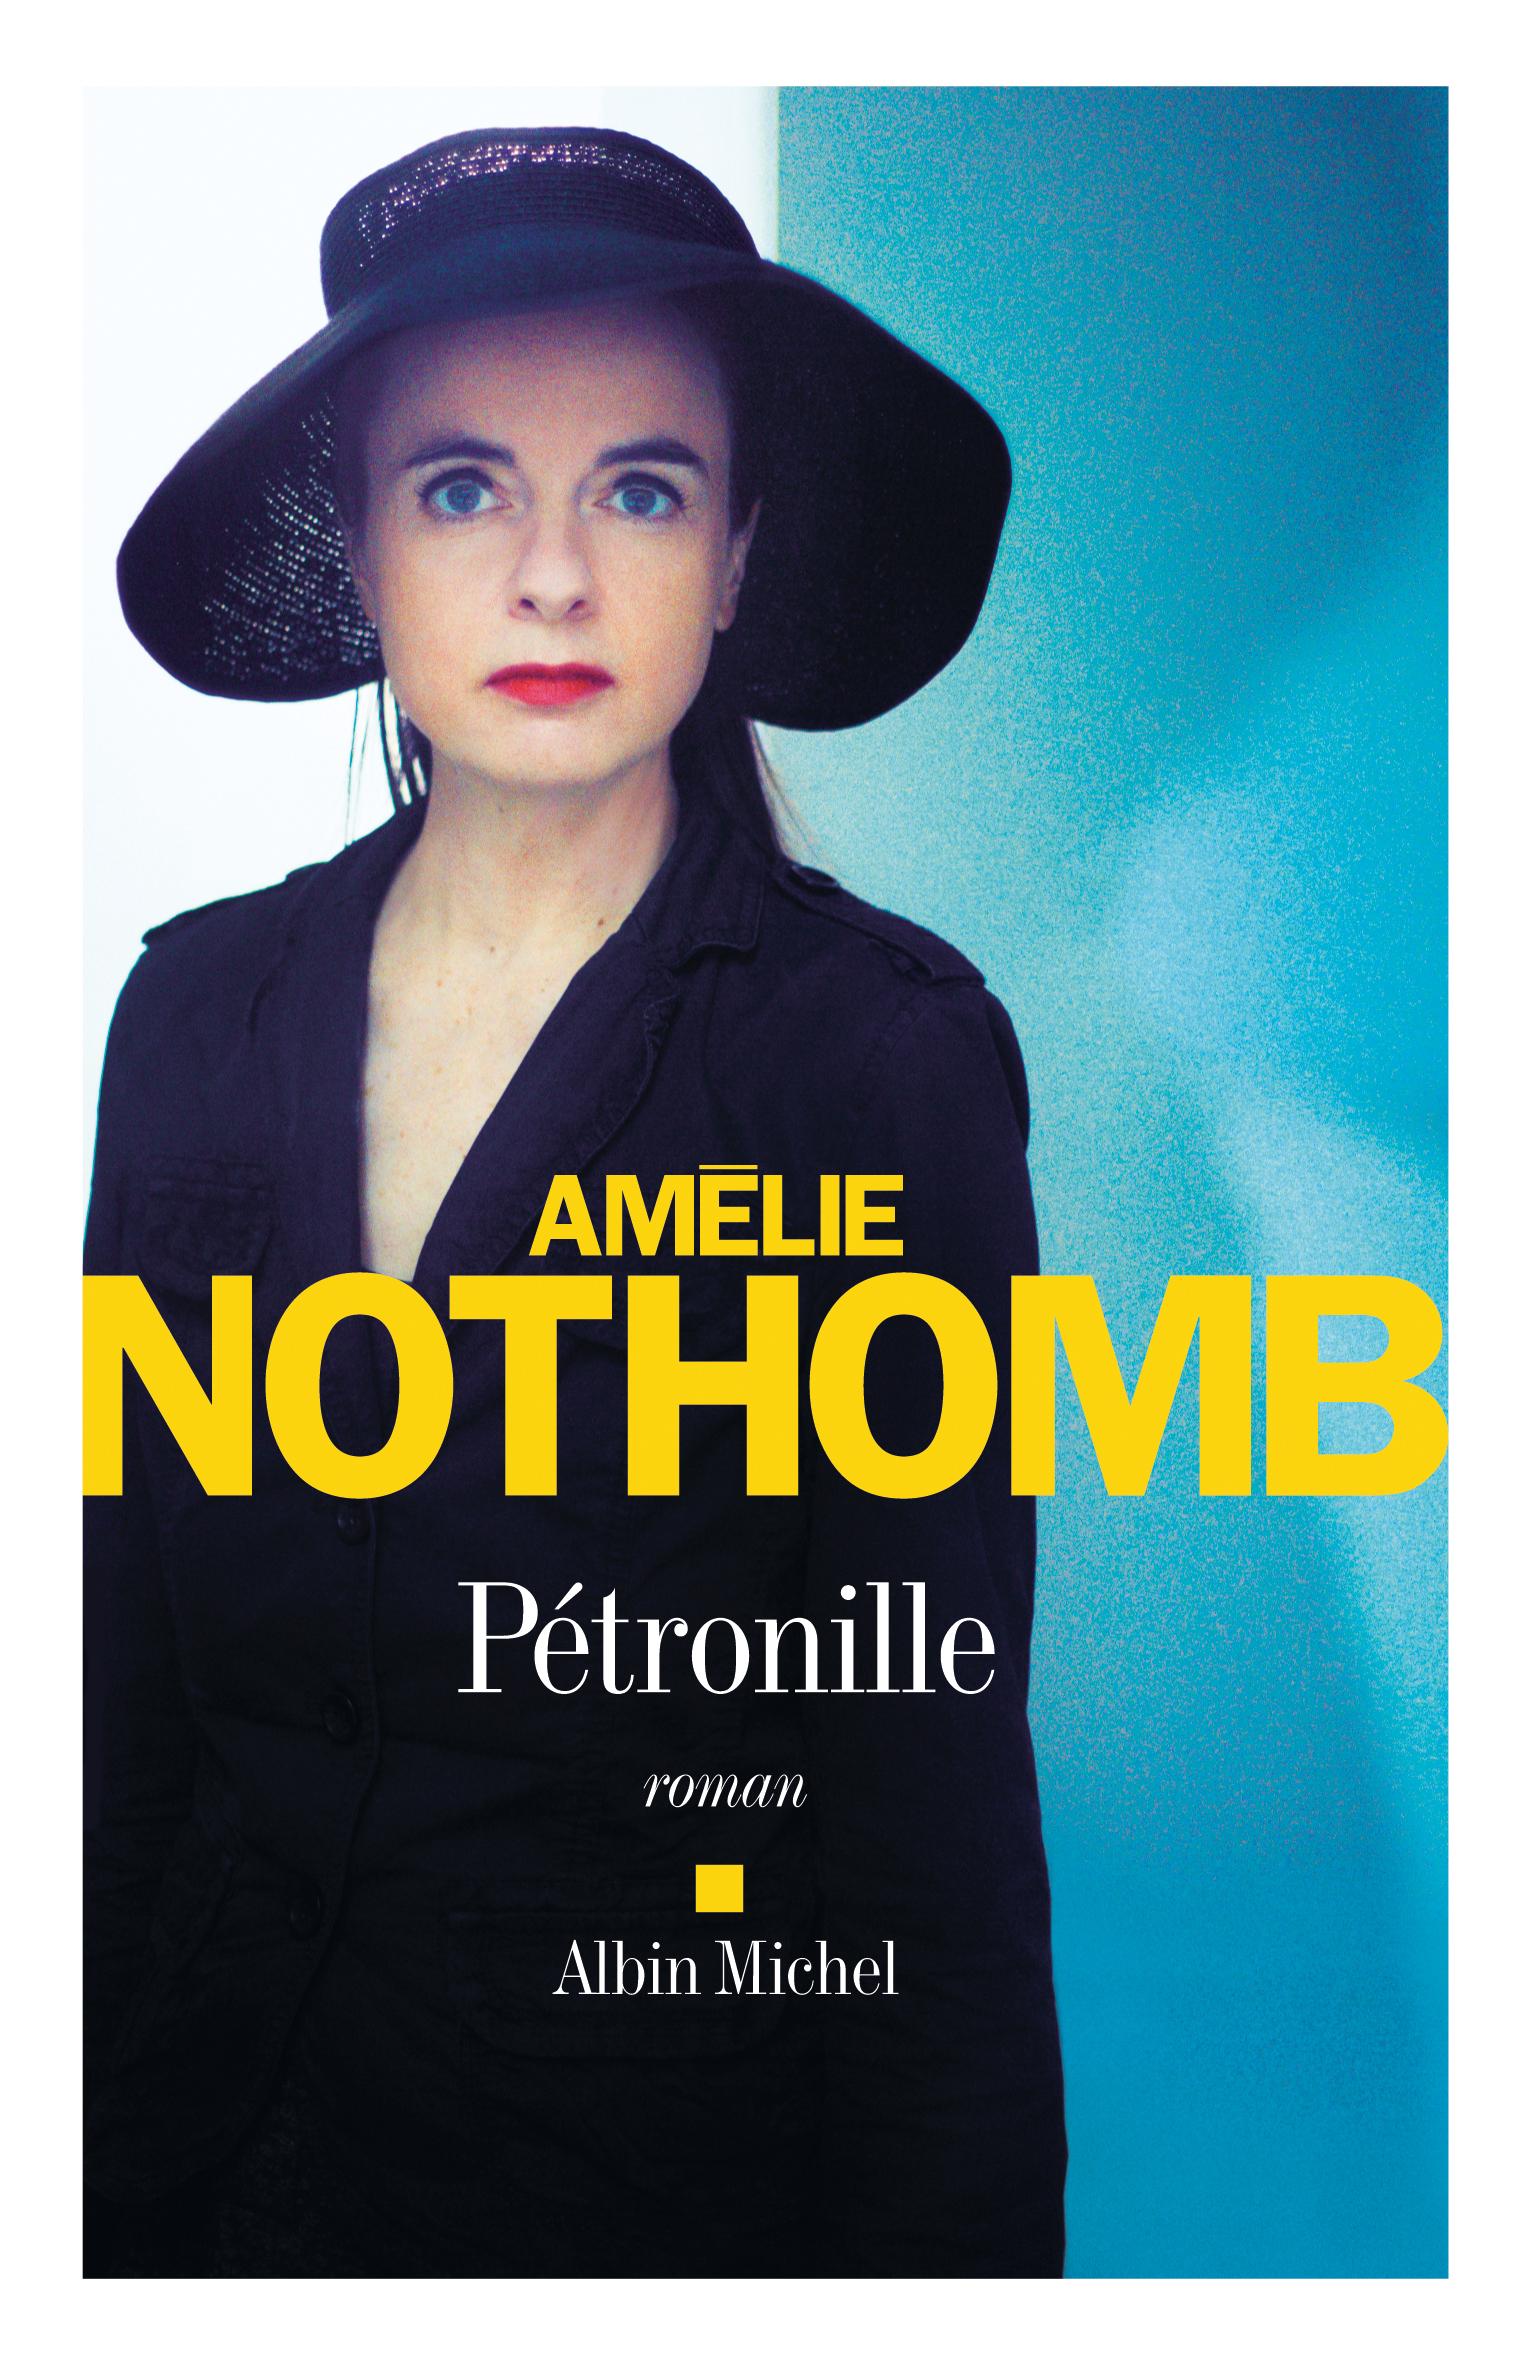 Couverture de Pétronille d'Amélie Nothomb